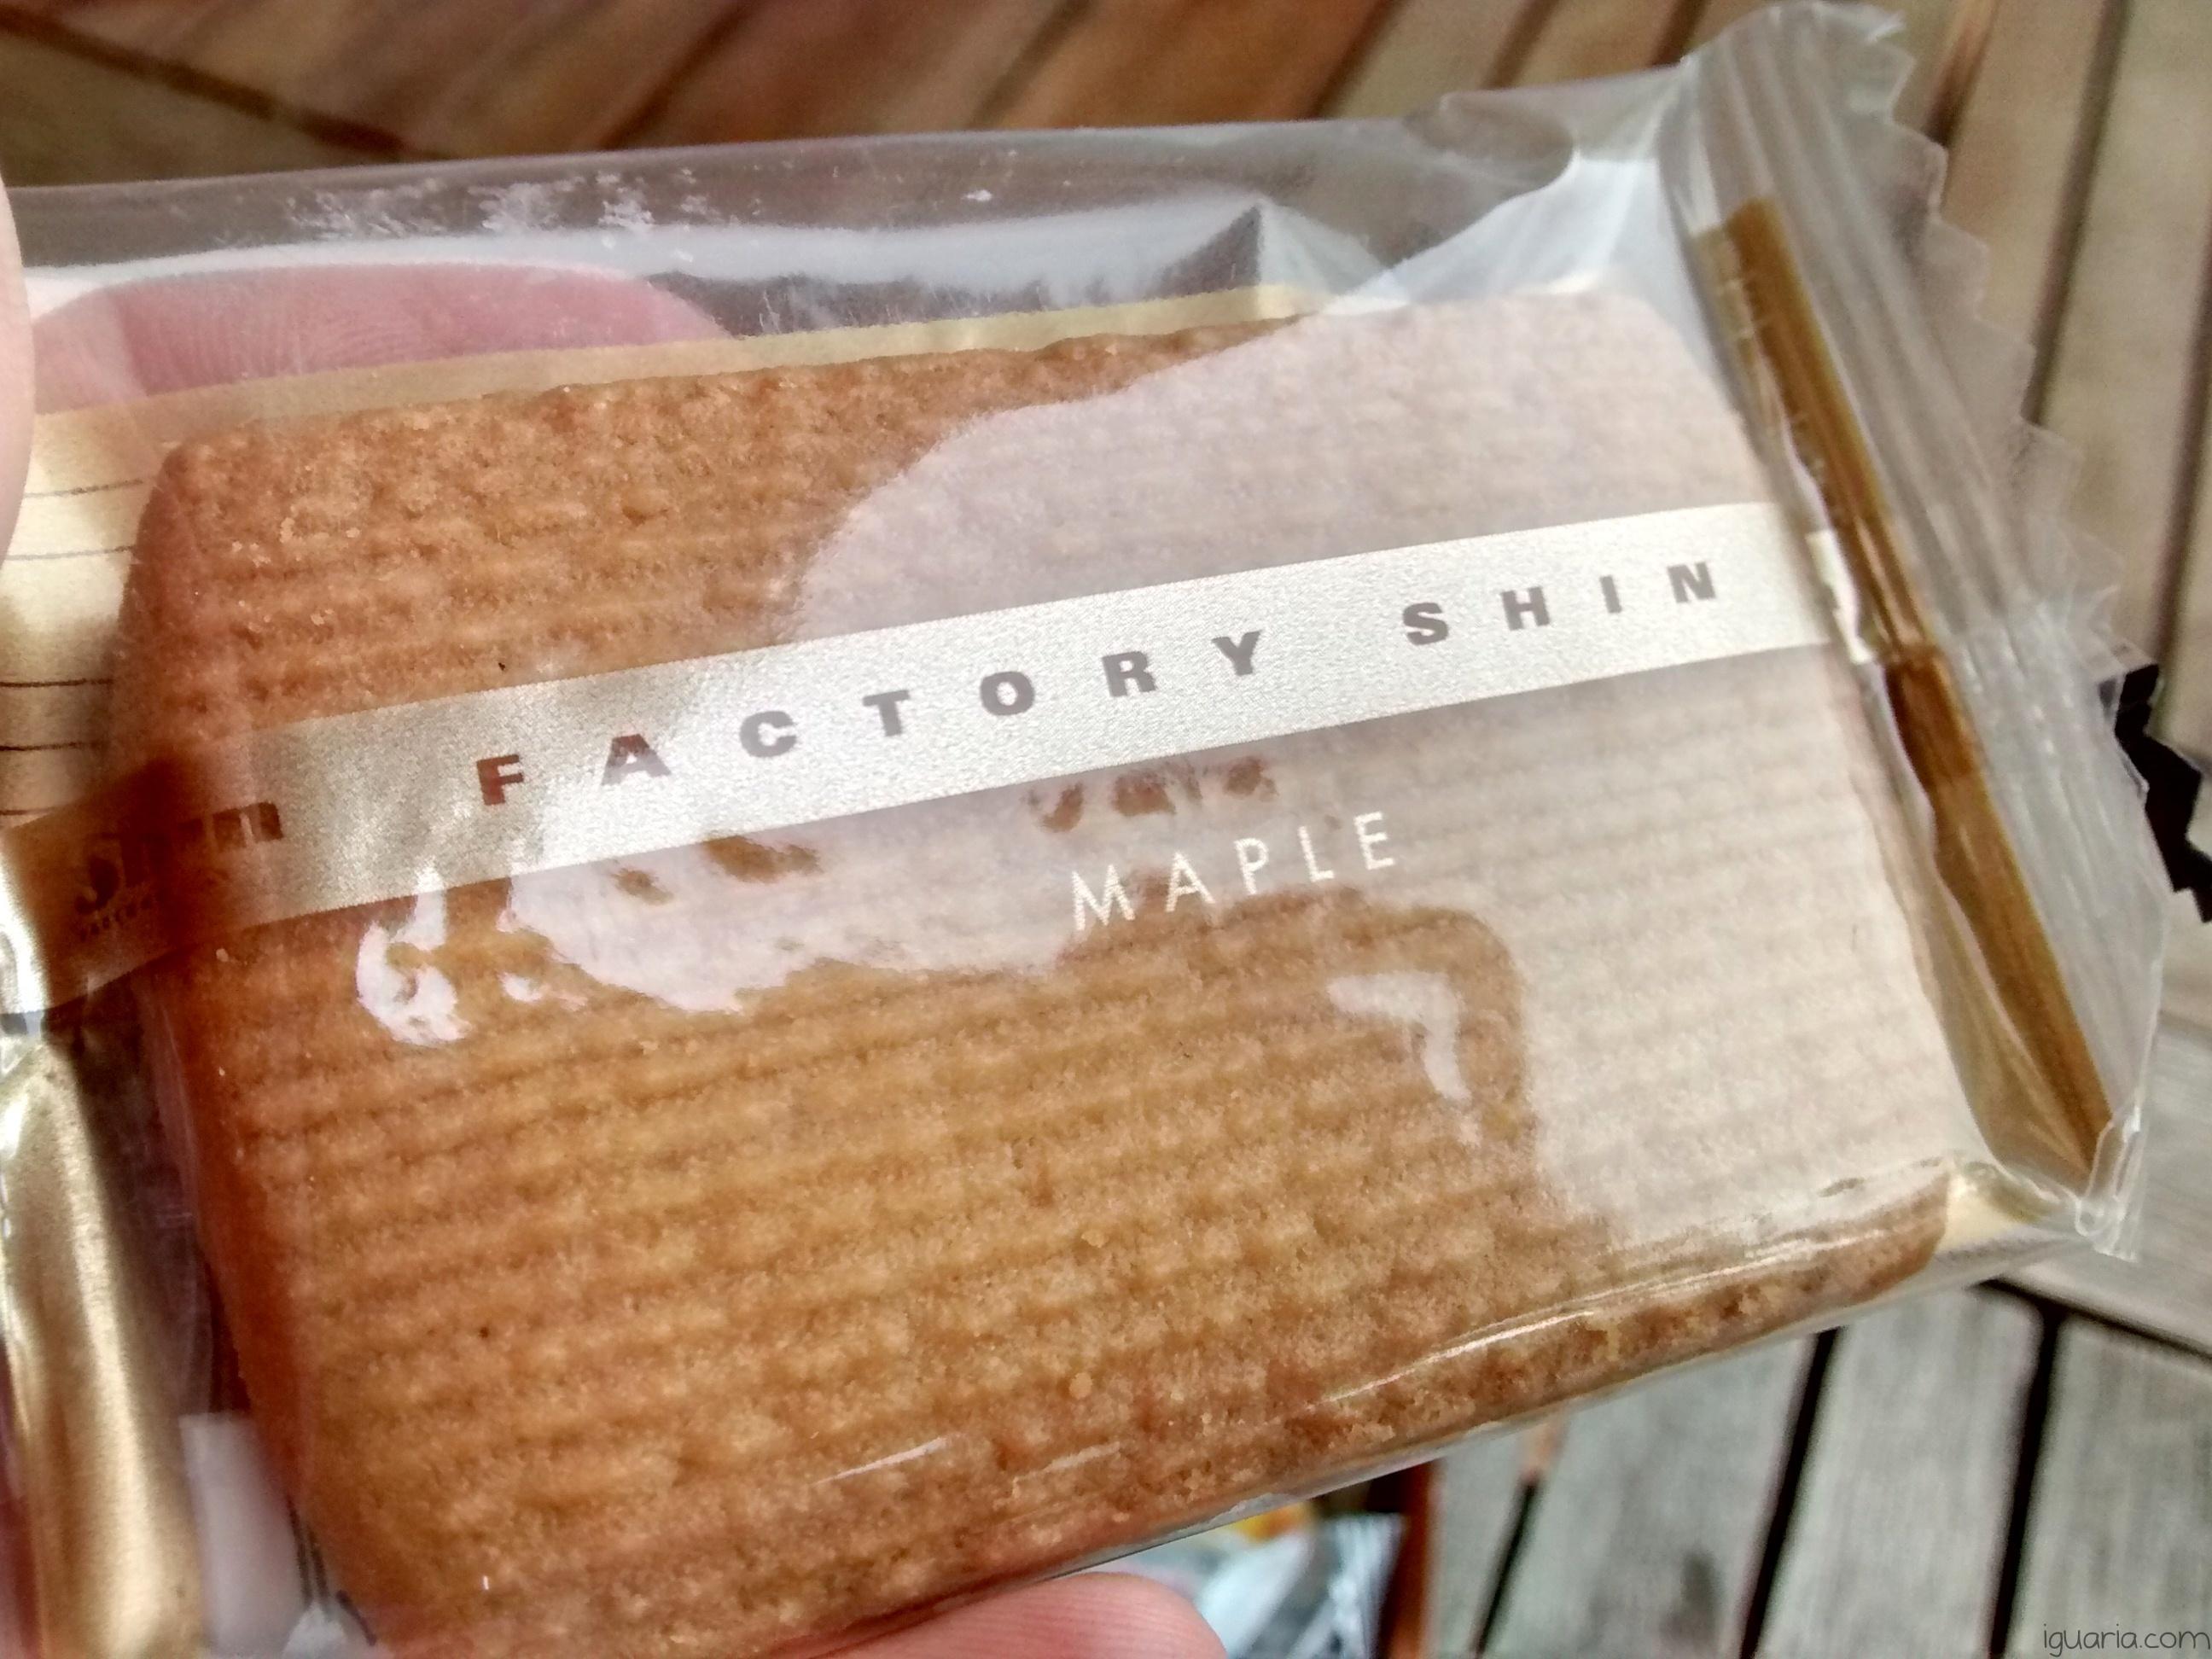 Iguaria_Shin-Factory-Biscoito-Mapple